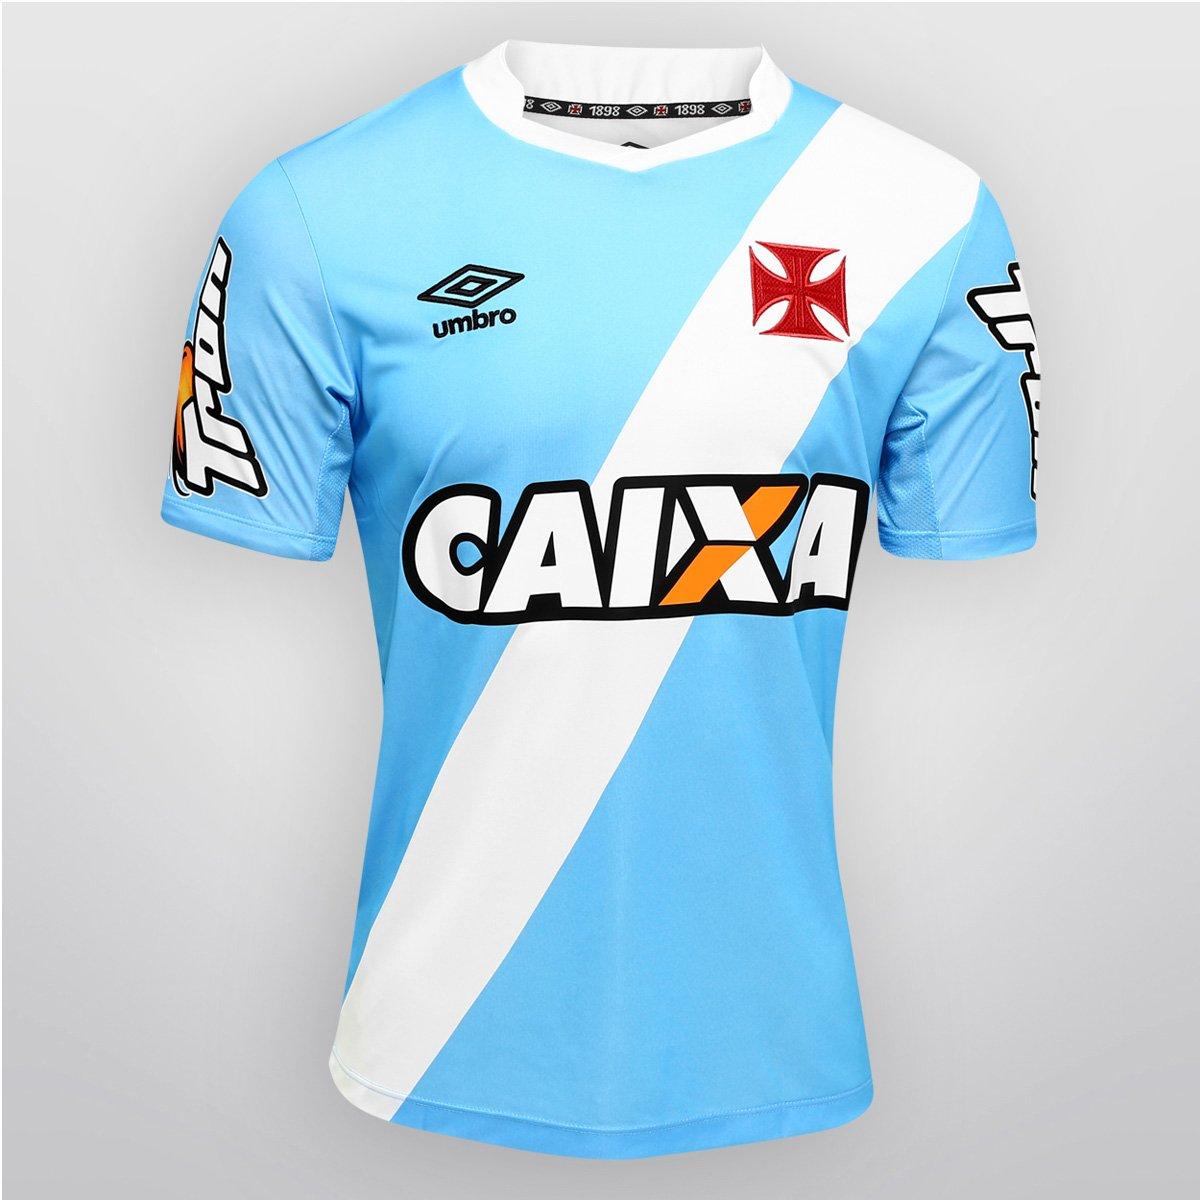 8f5c42e62393c Camisa Vasco Goleiro 2014 nº 1 M C Torcedor Umbro Masculina - Compre Agora